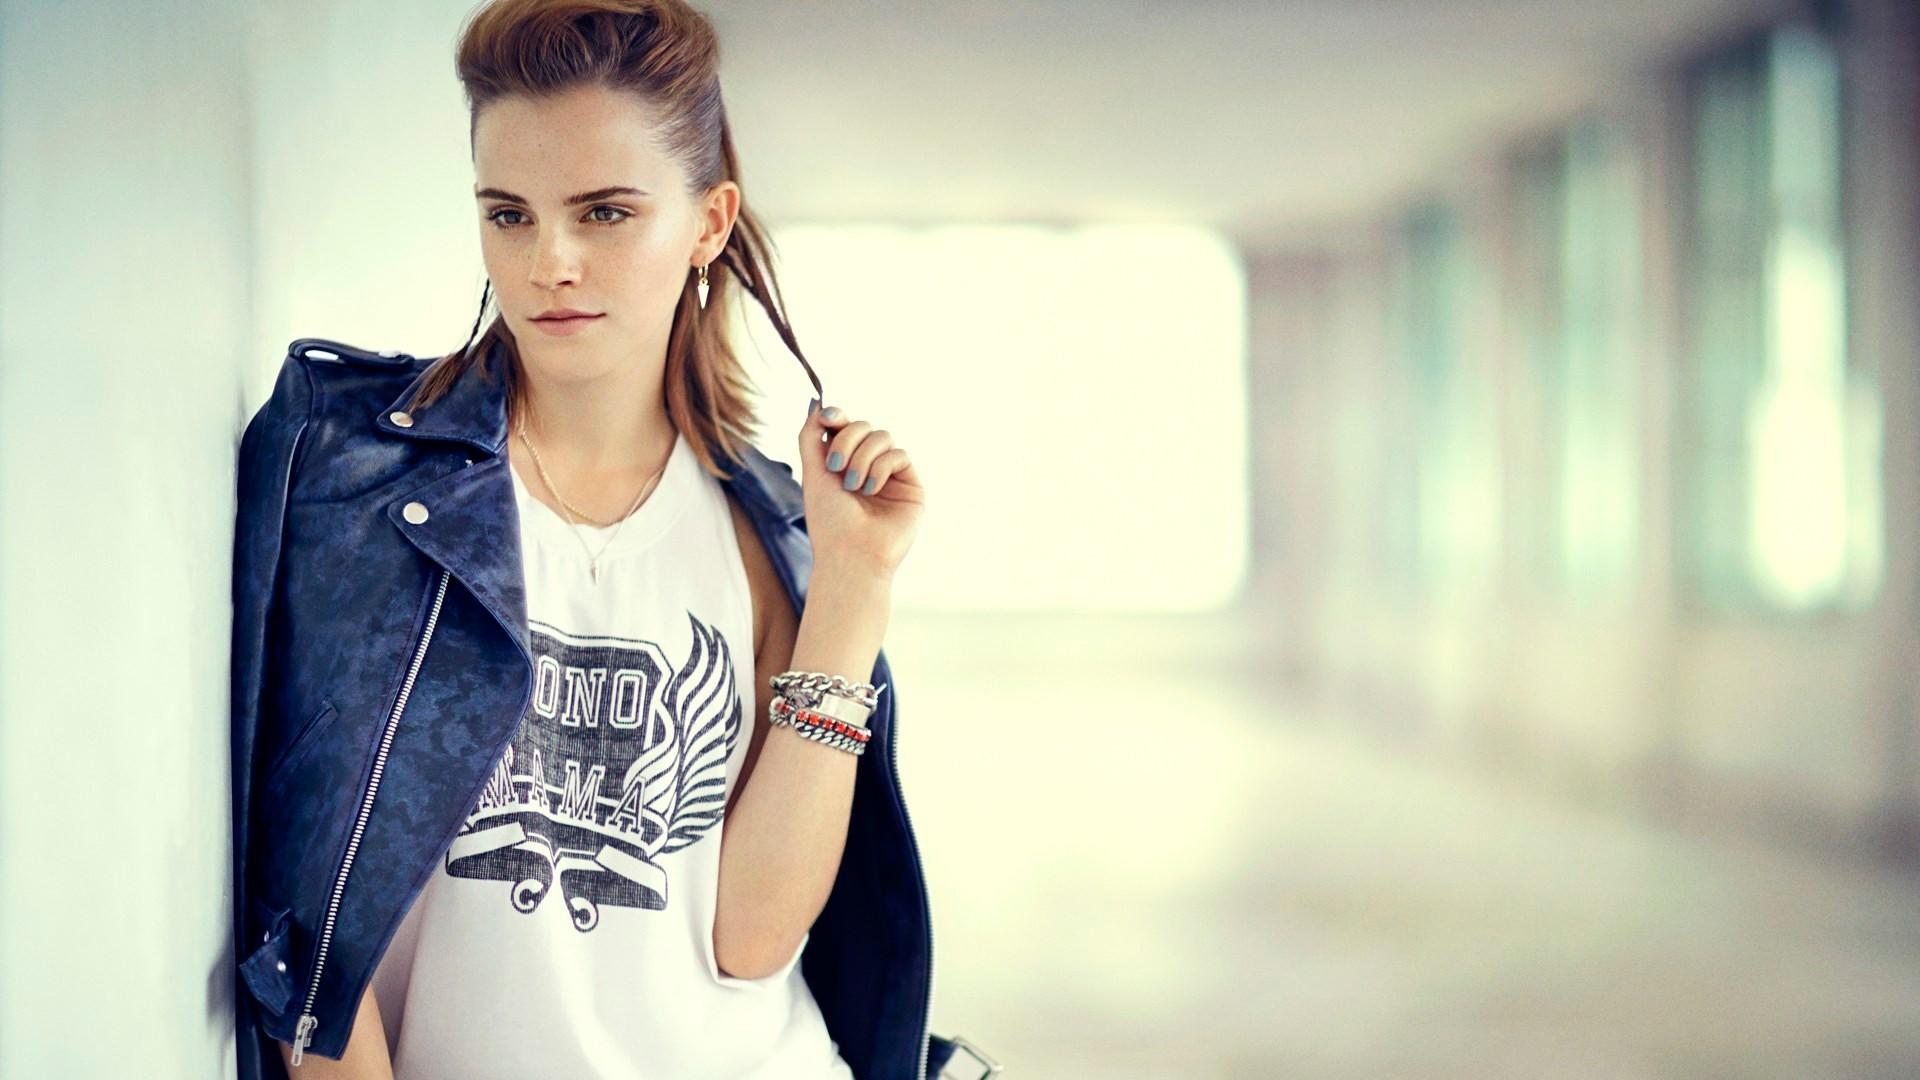 38 Beautiful Hd Emma Watson Wallpapers-7556